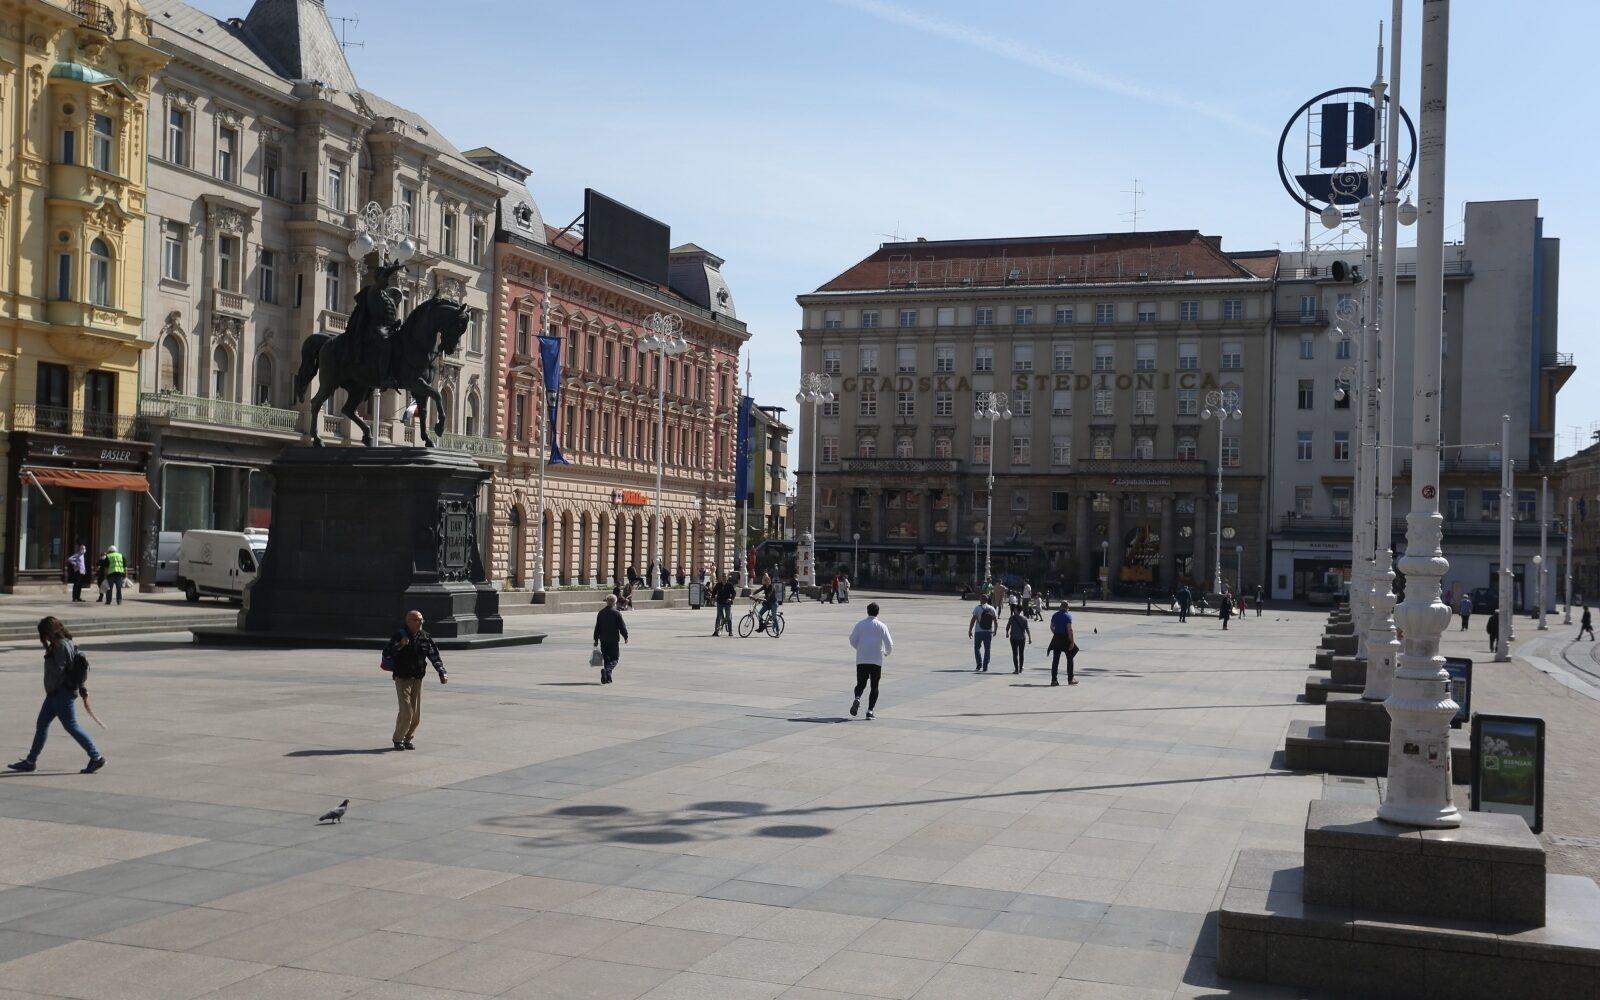 Dva Potresa Jutros U Zagrebu Građani Osjetili Snazno Podrhtavanje Poslovni Dnevnik